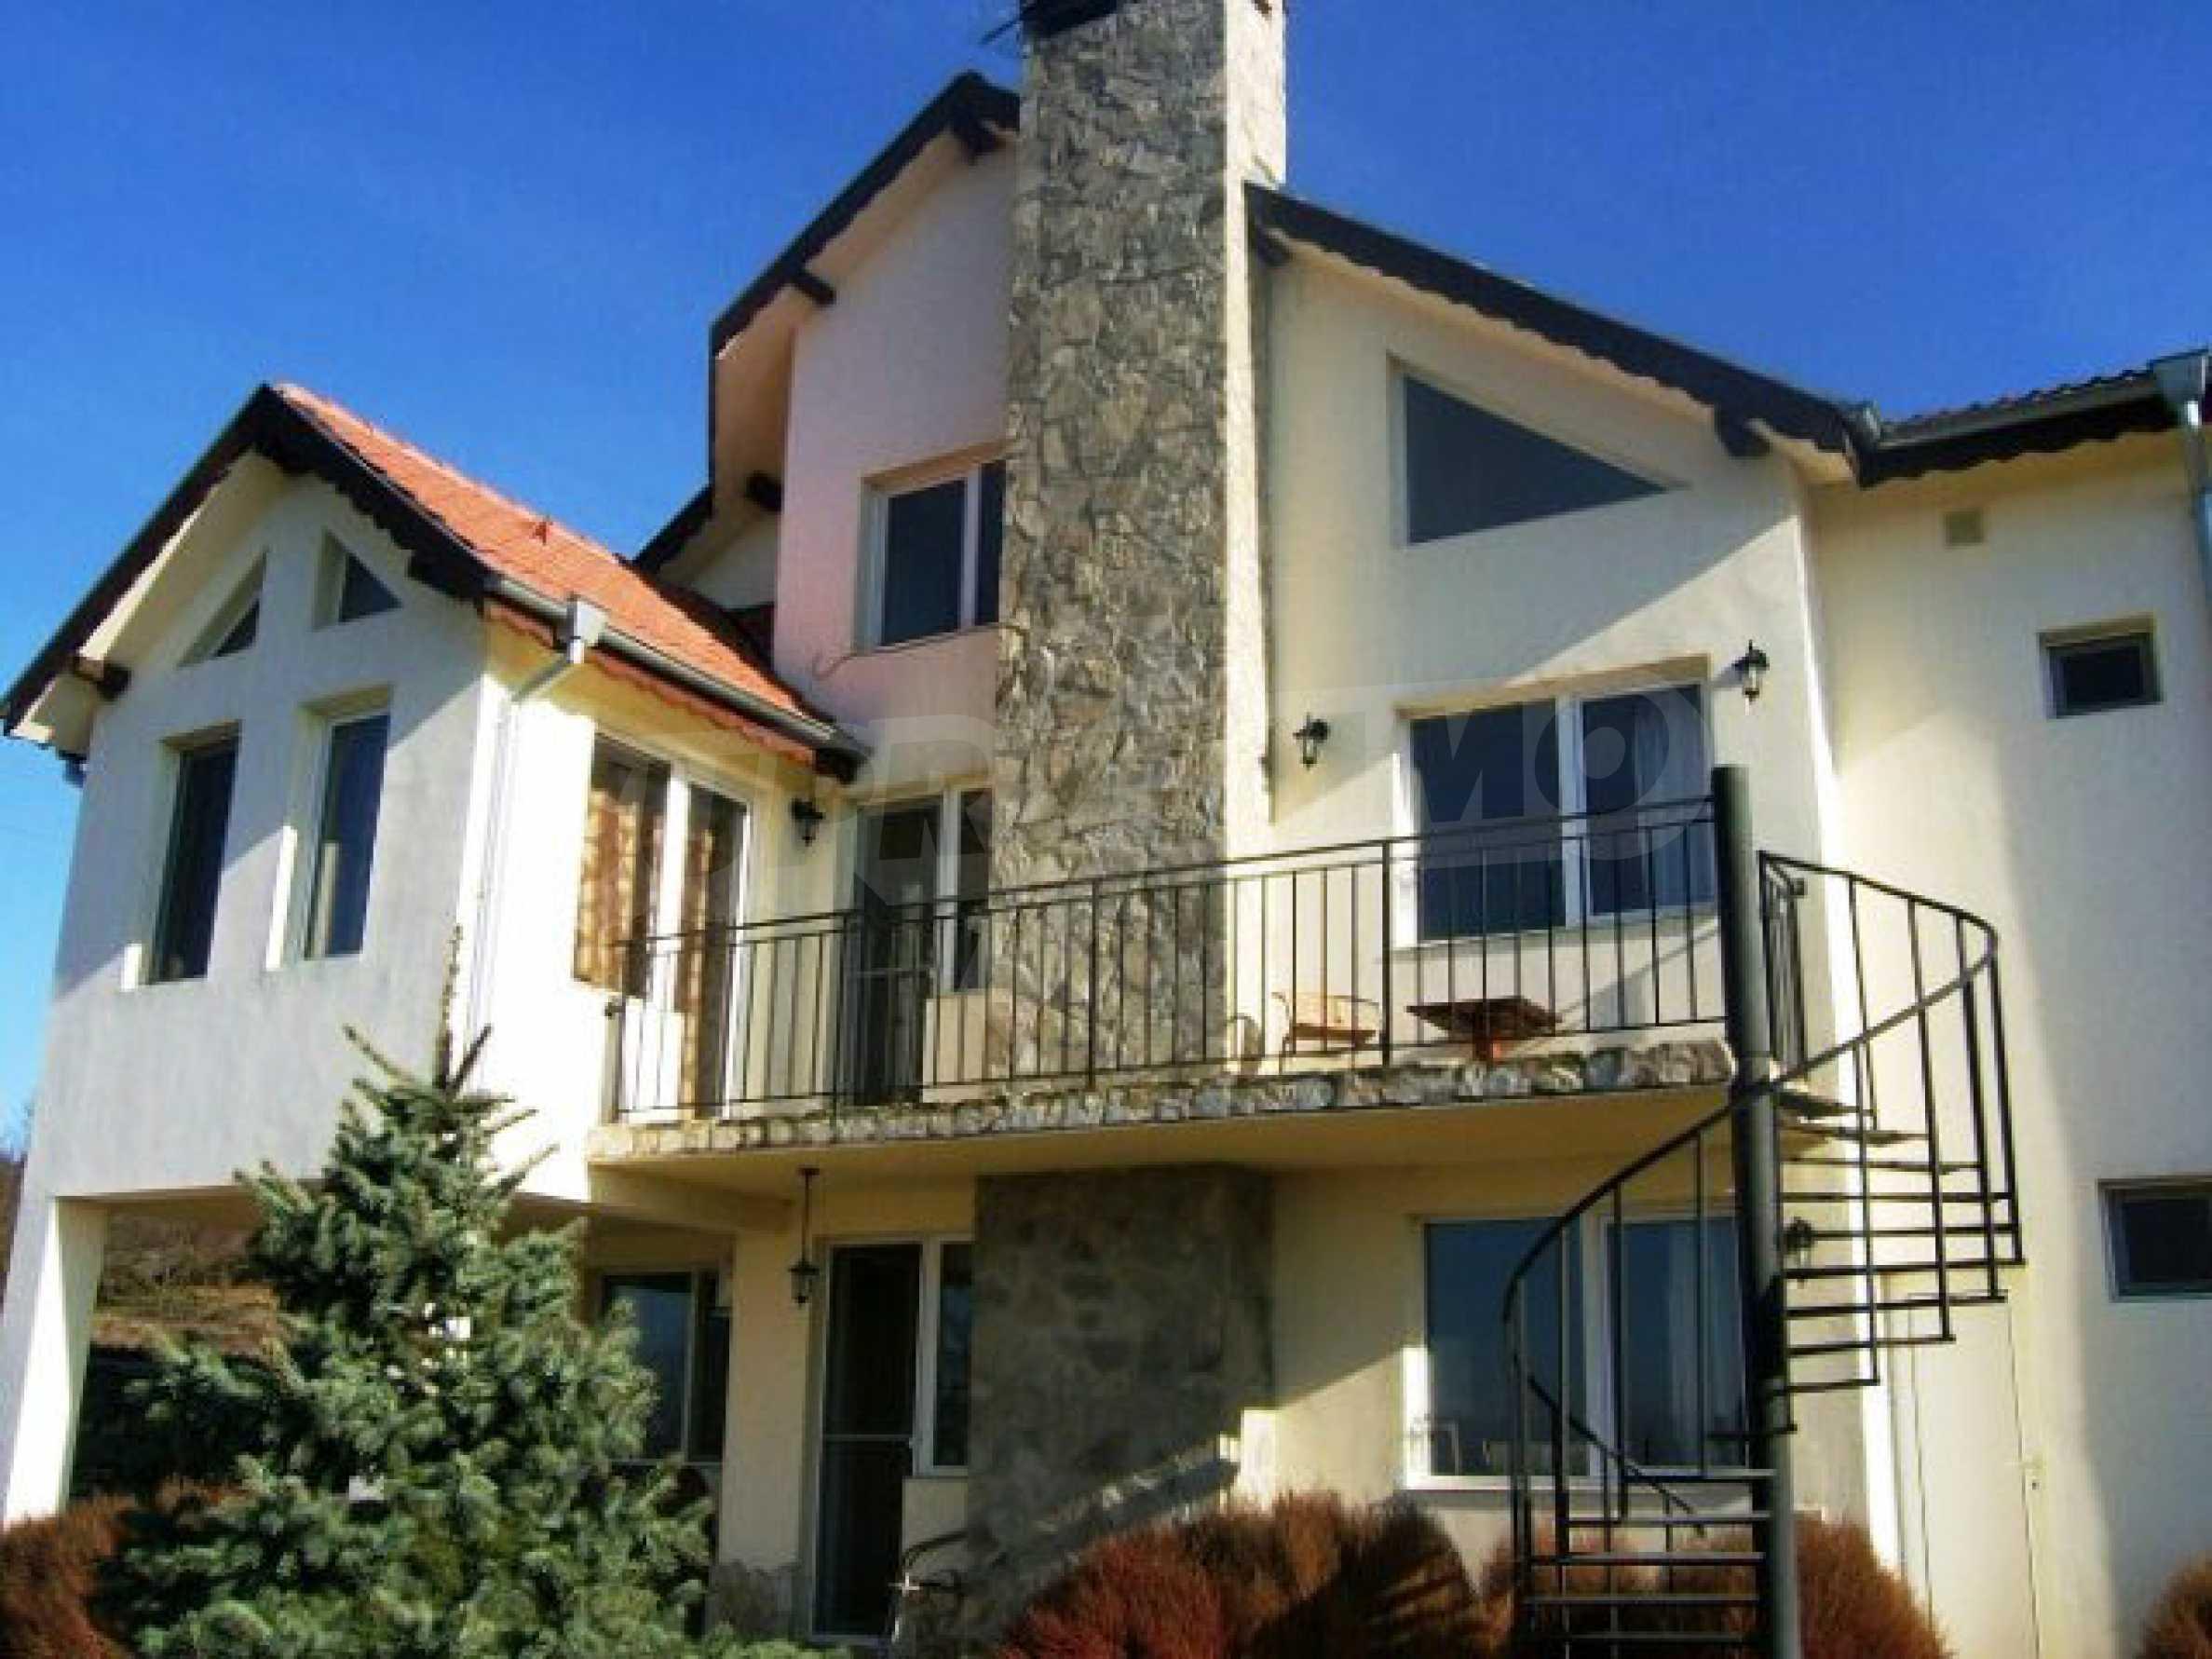 House near Avren